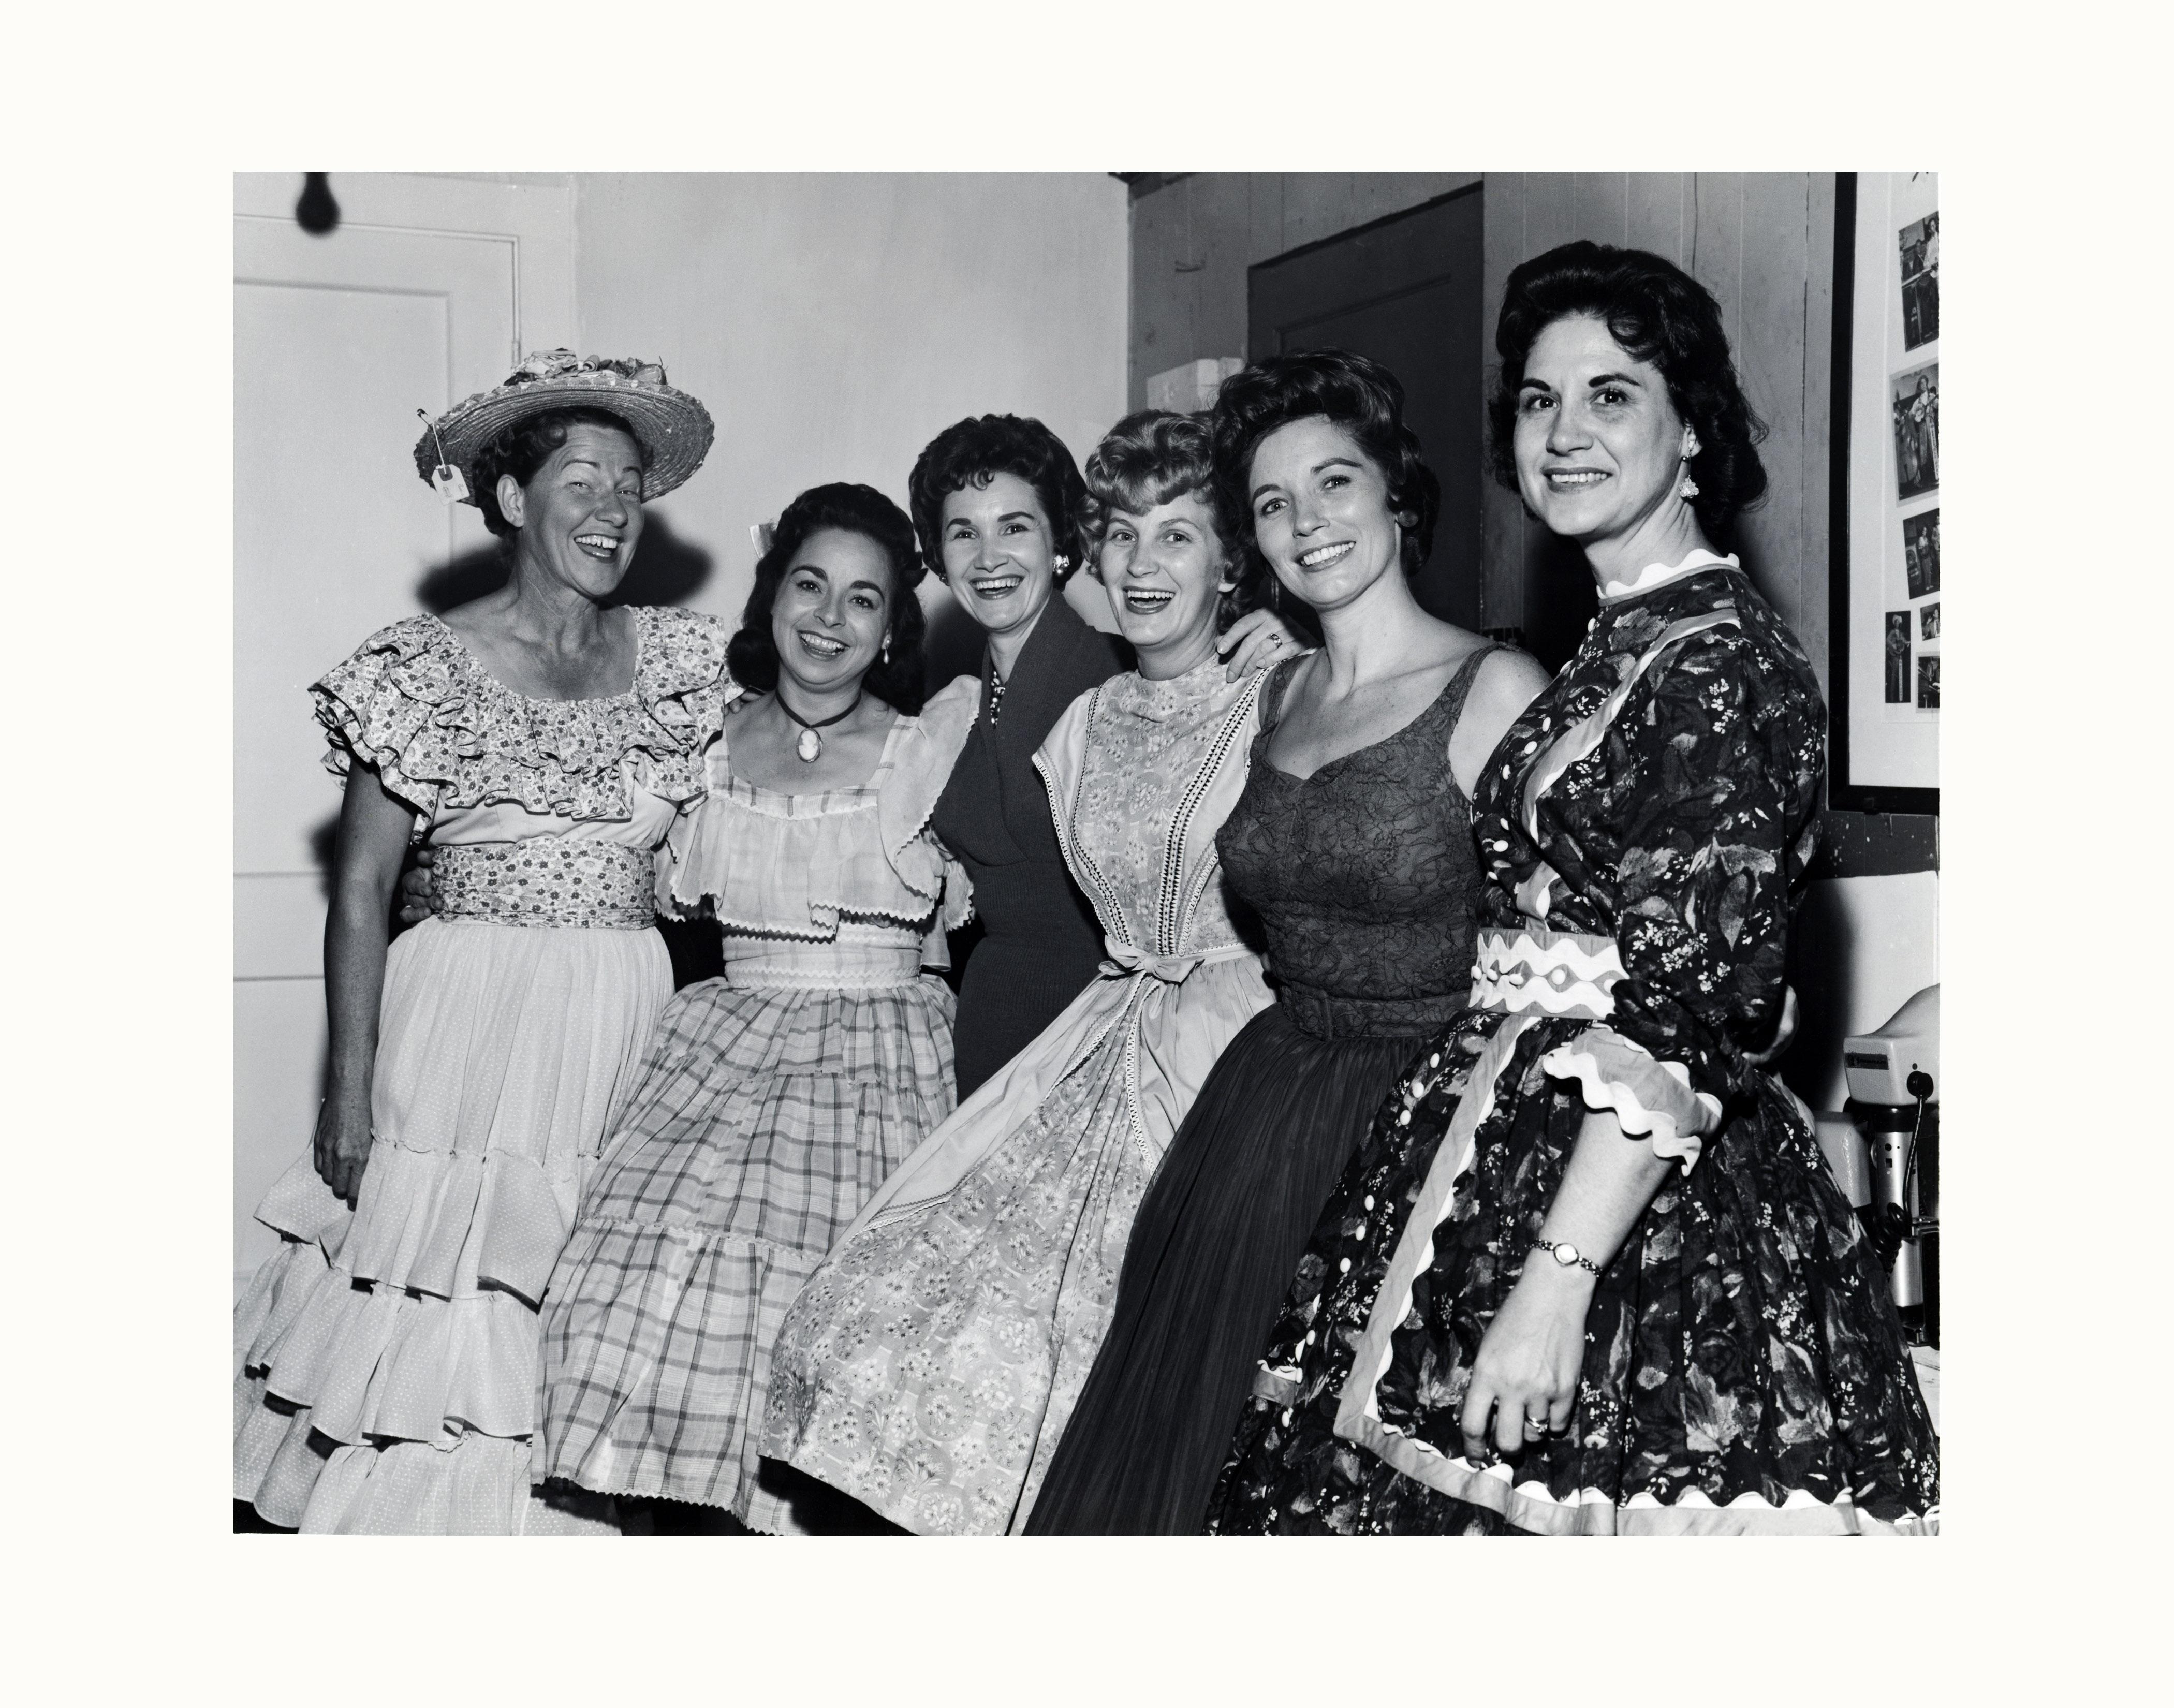 Minnie Pearl, Wilma Lee Cooper, Jan Howard, Skeeter Davis, June Carter, Kitty Wells Photo by Les Leverett